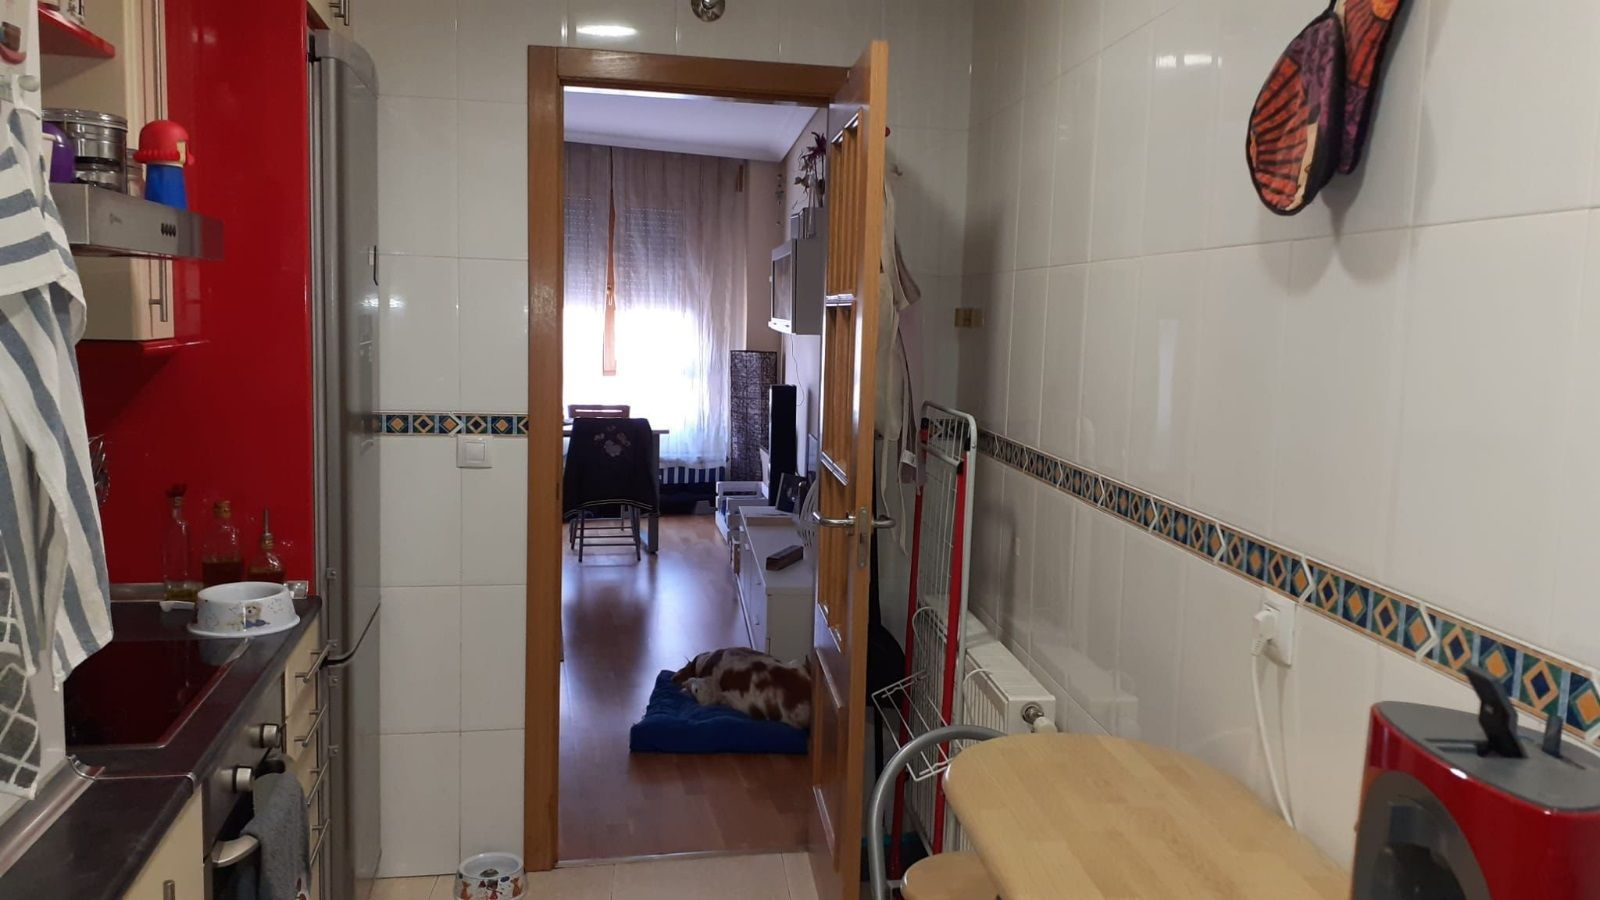 dia.mobiliagestion.es/Portals/inmoatrio/Images/7428/6445400